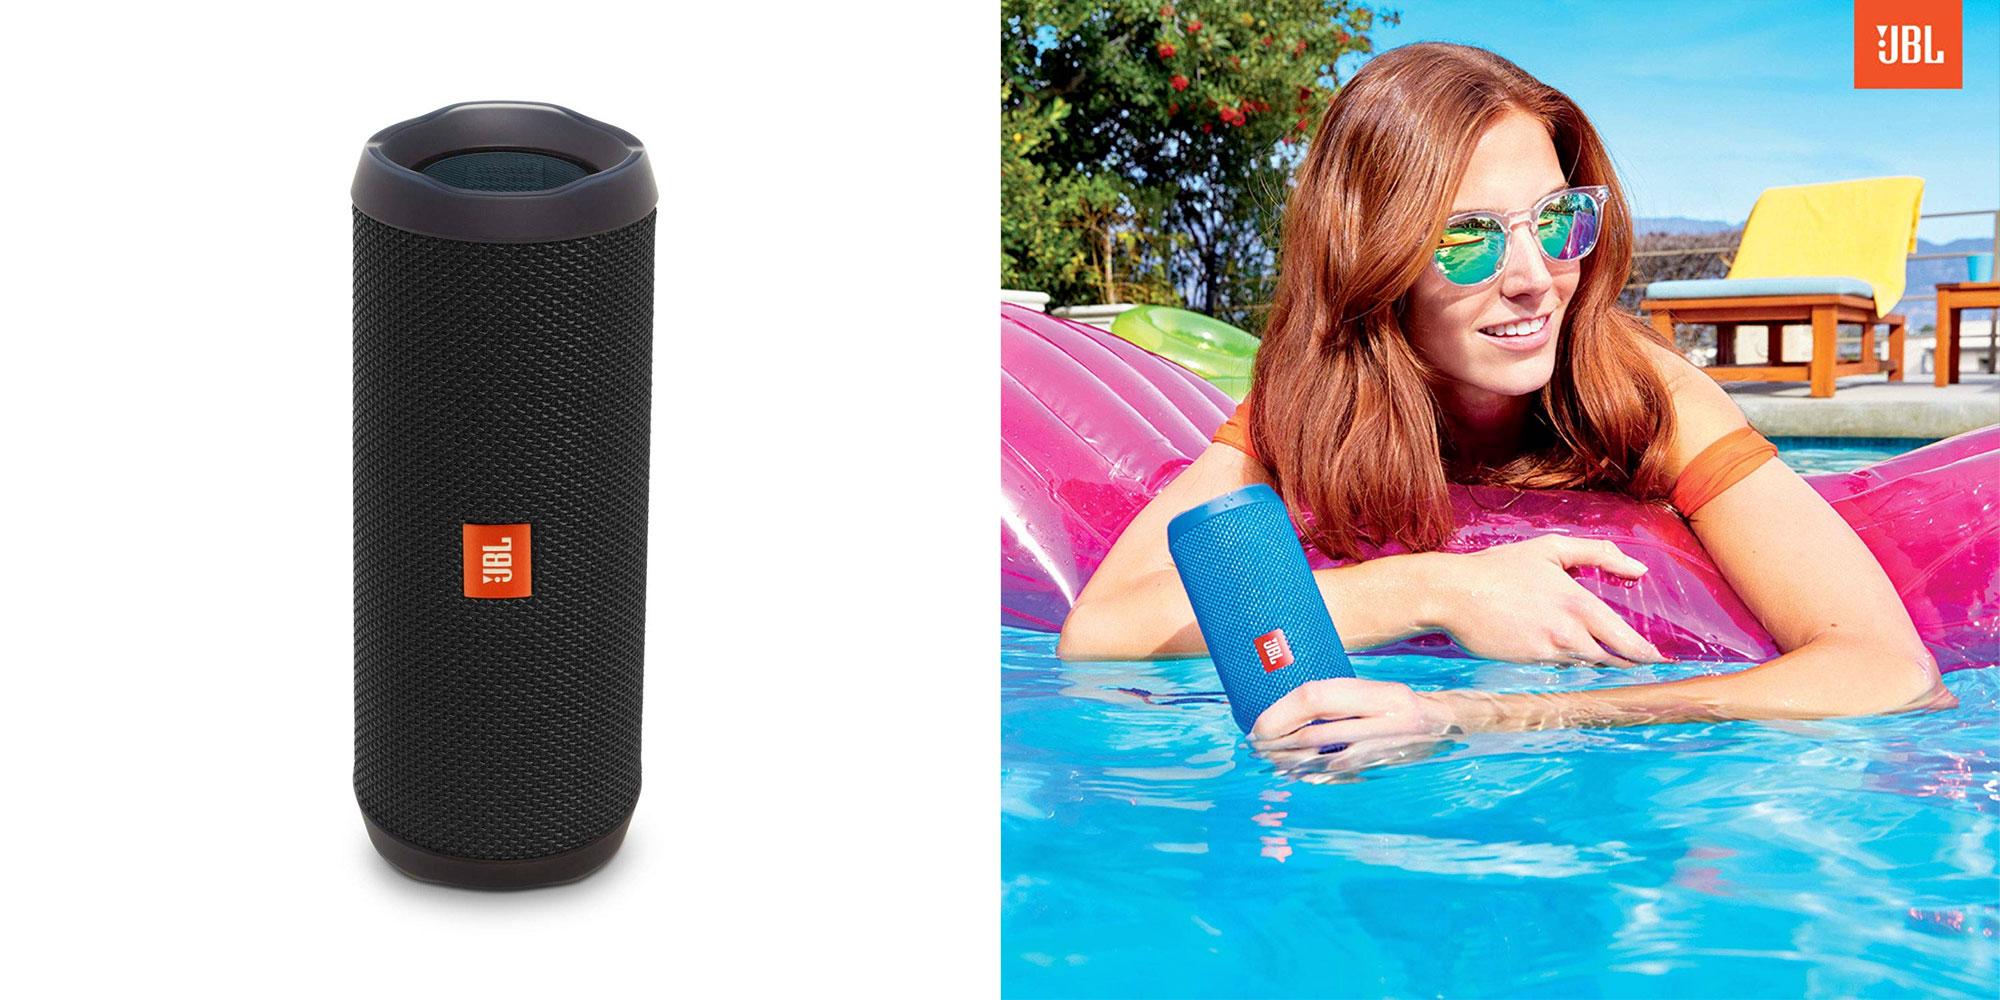 Best Bluetooth Speaker for Summer JBL Flip 4